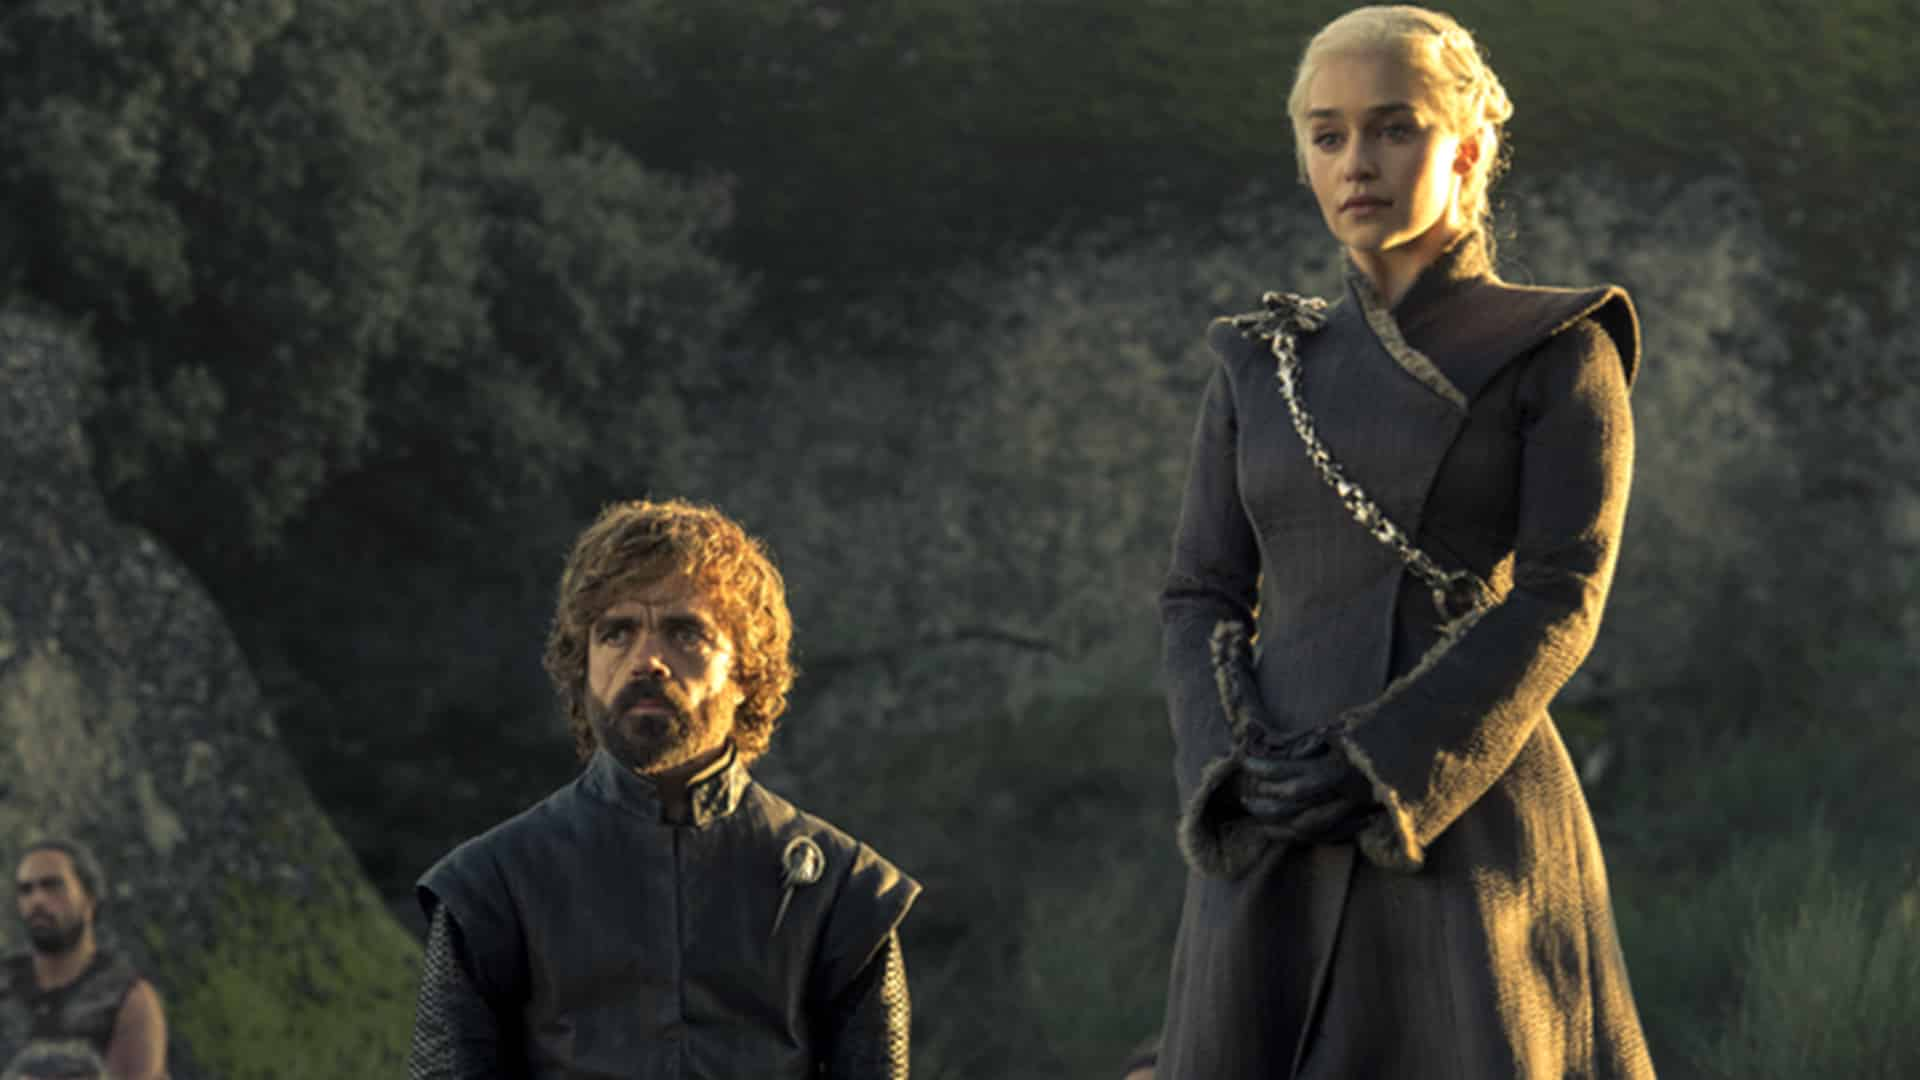 koniec fantasy série Game of Thrones